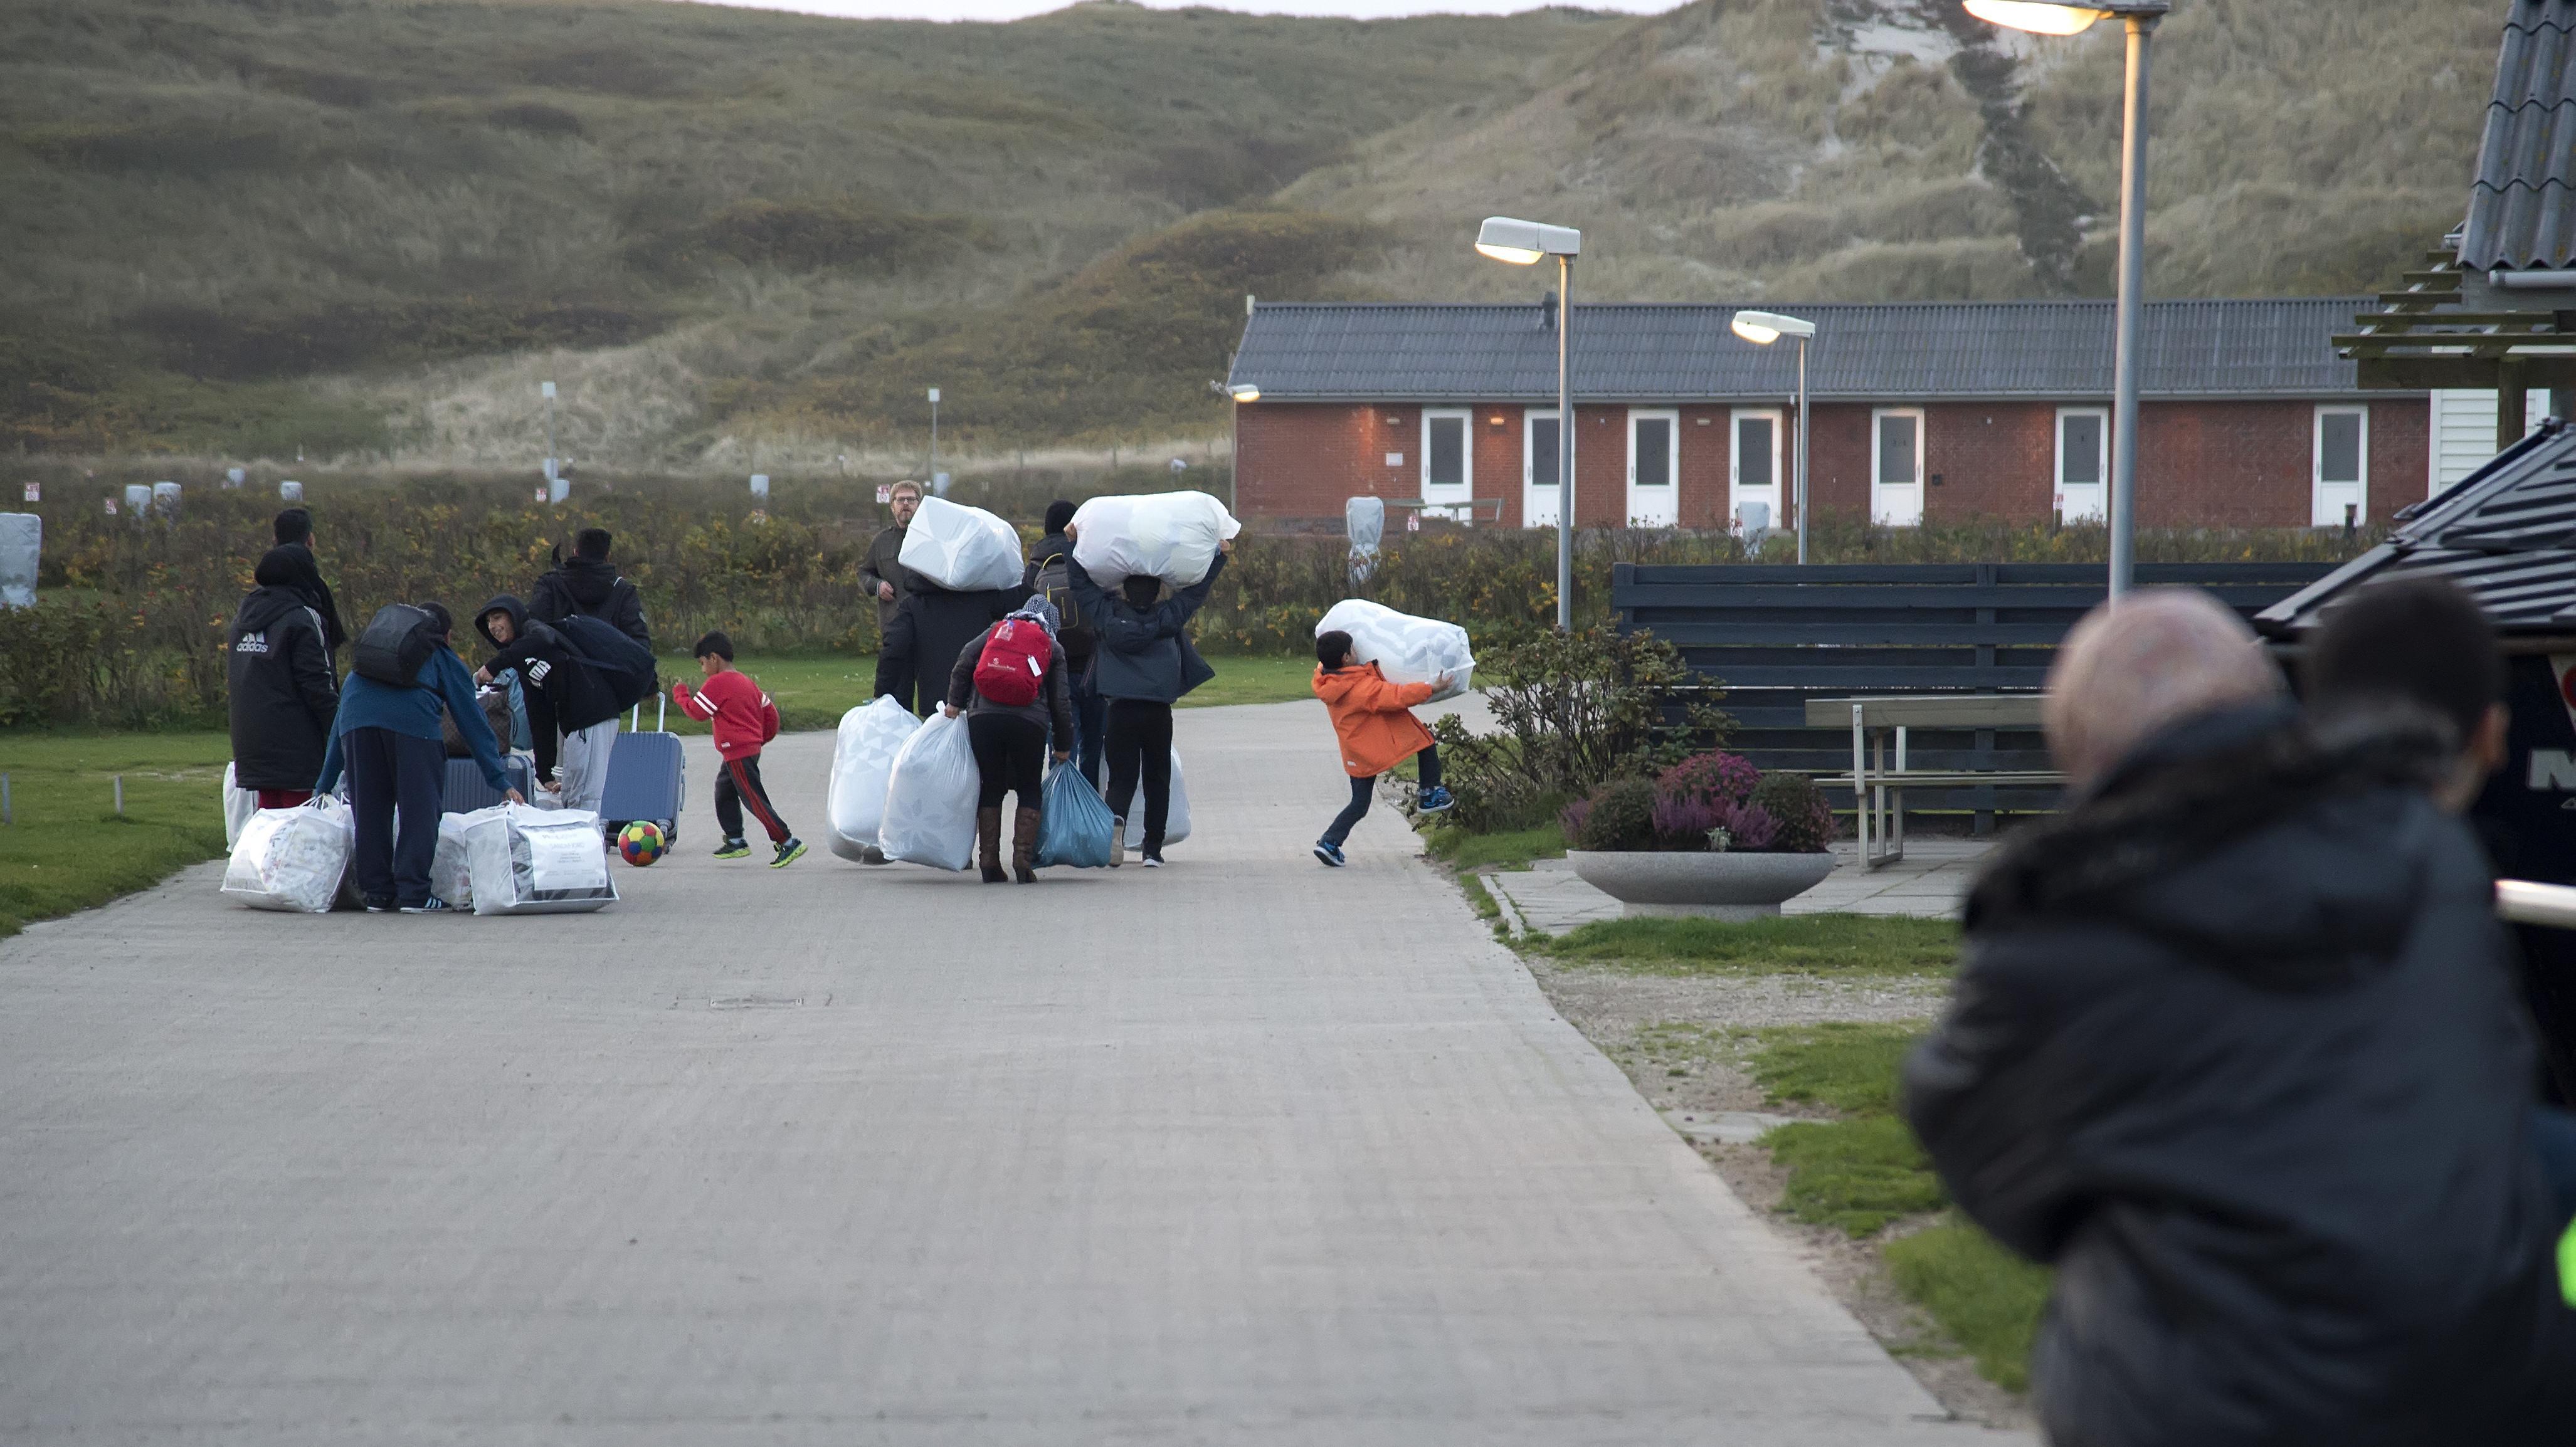 Flygtninge arkiv